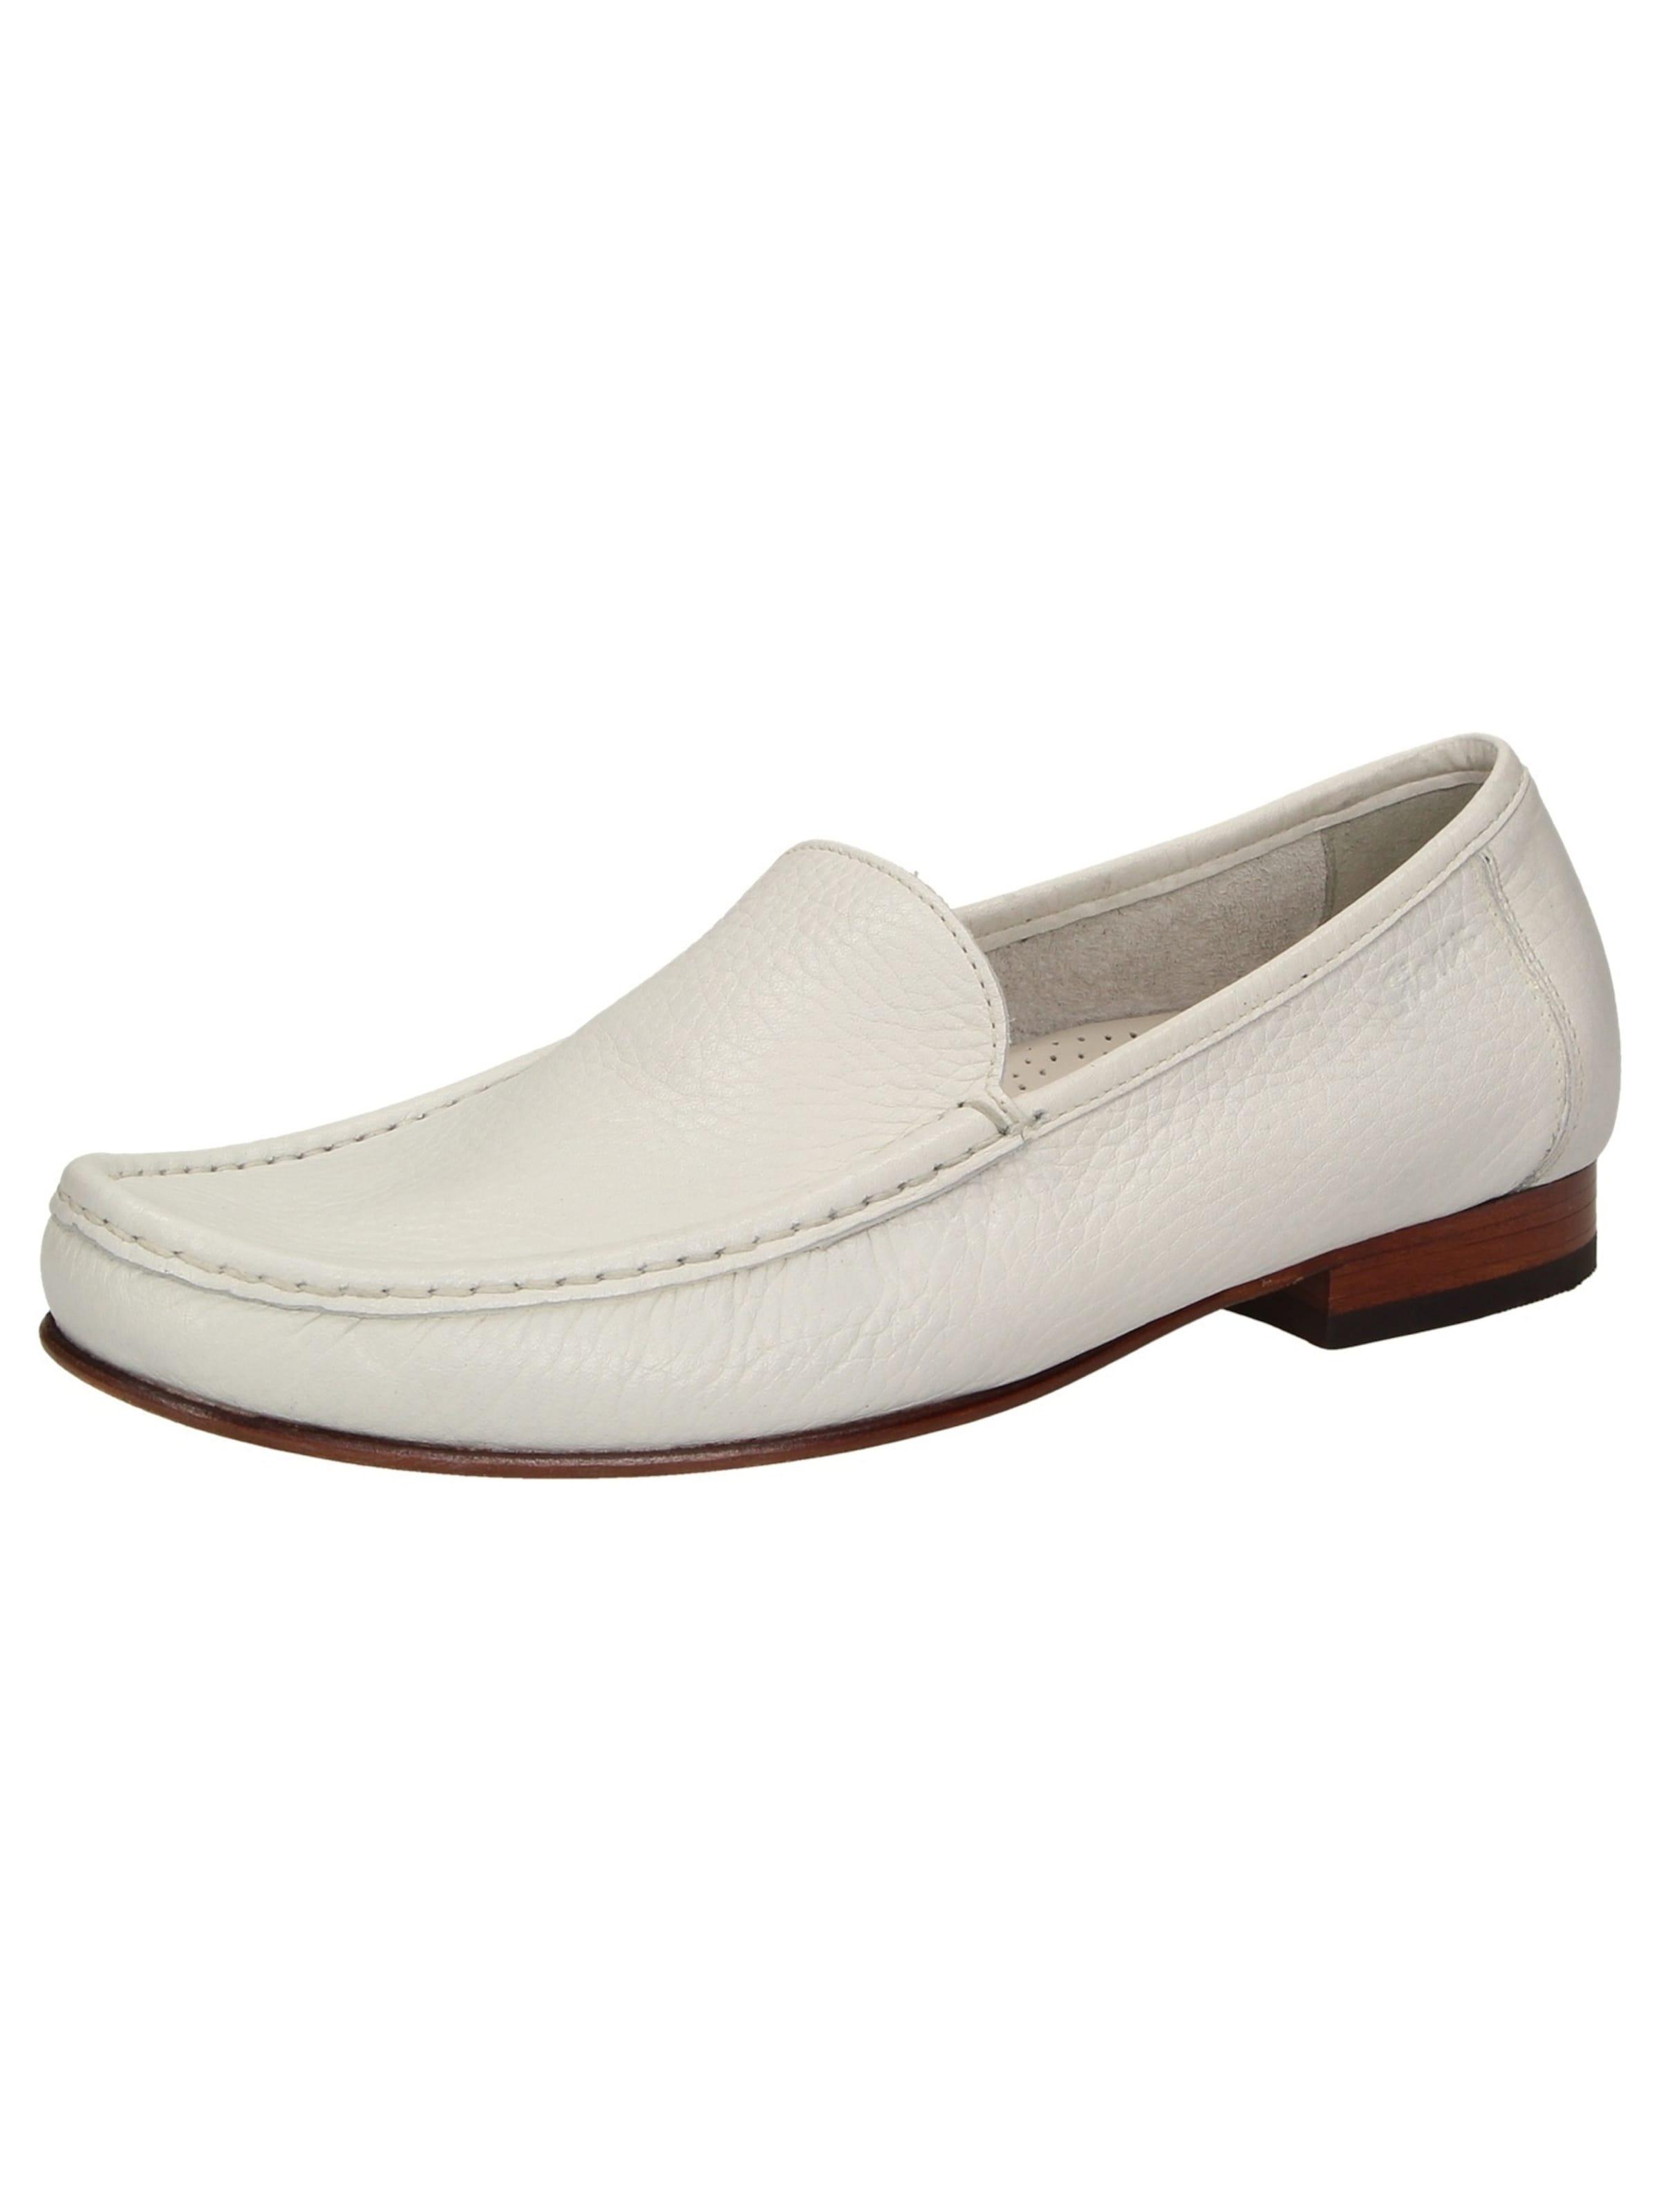 SIOUX Slipper Claudio Verschleißfeste billige Schuhe